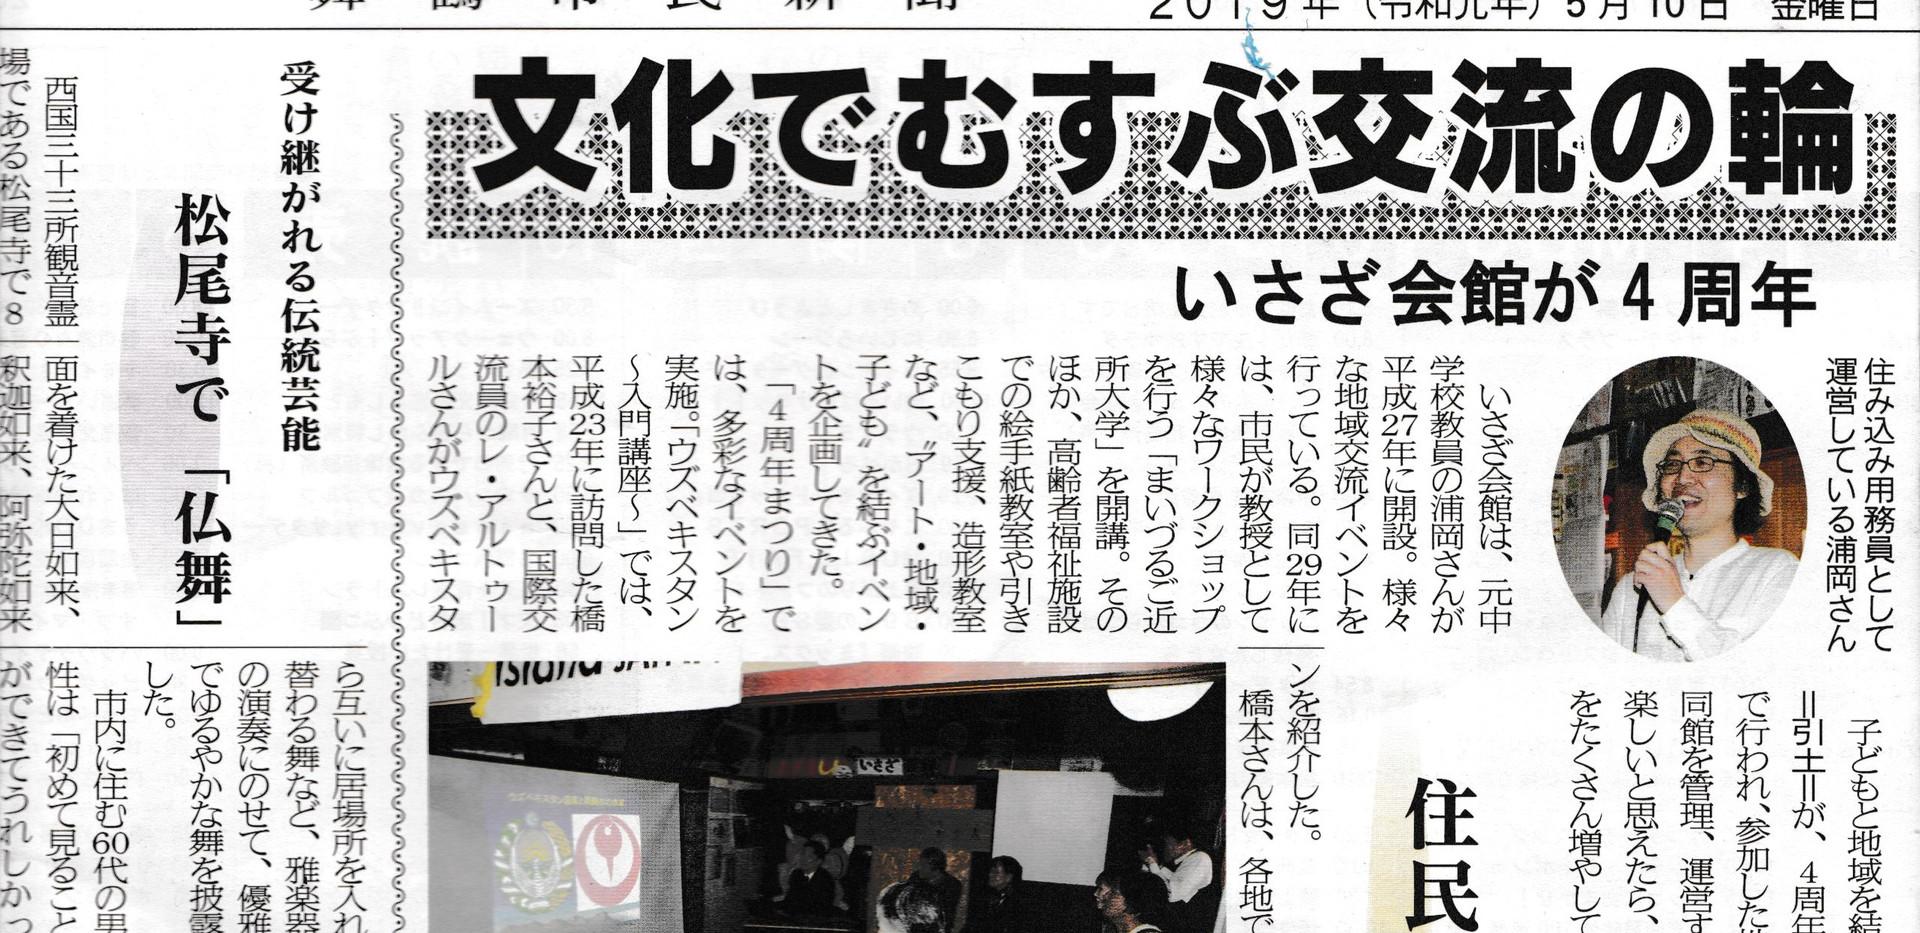 舞鶴市民新聞20190510